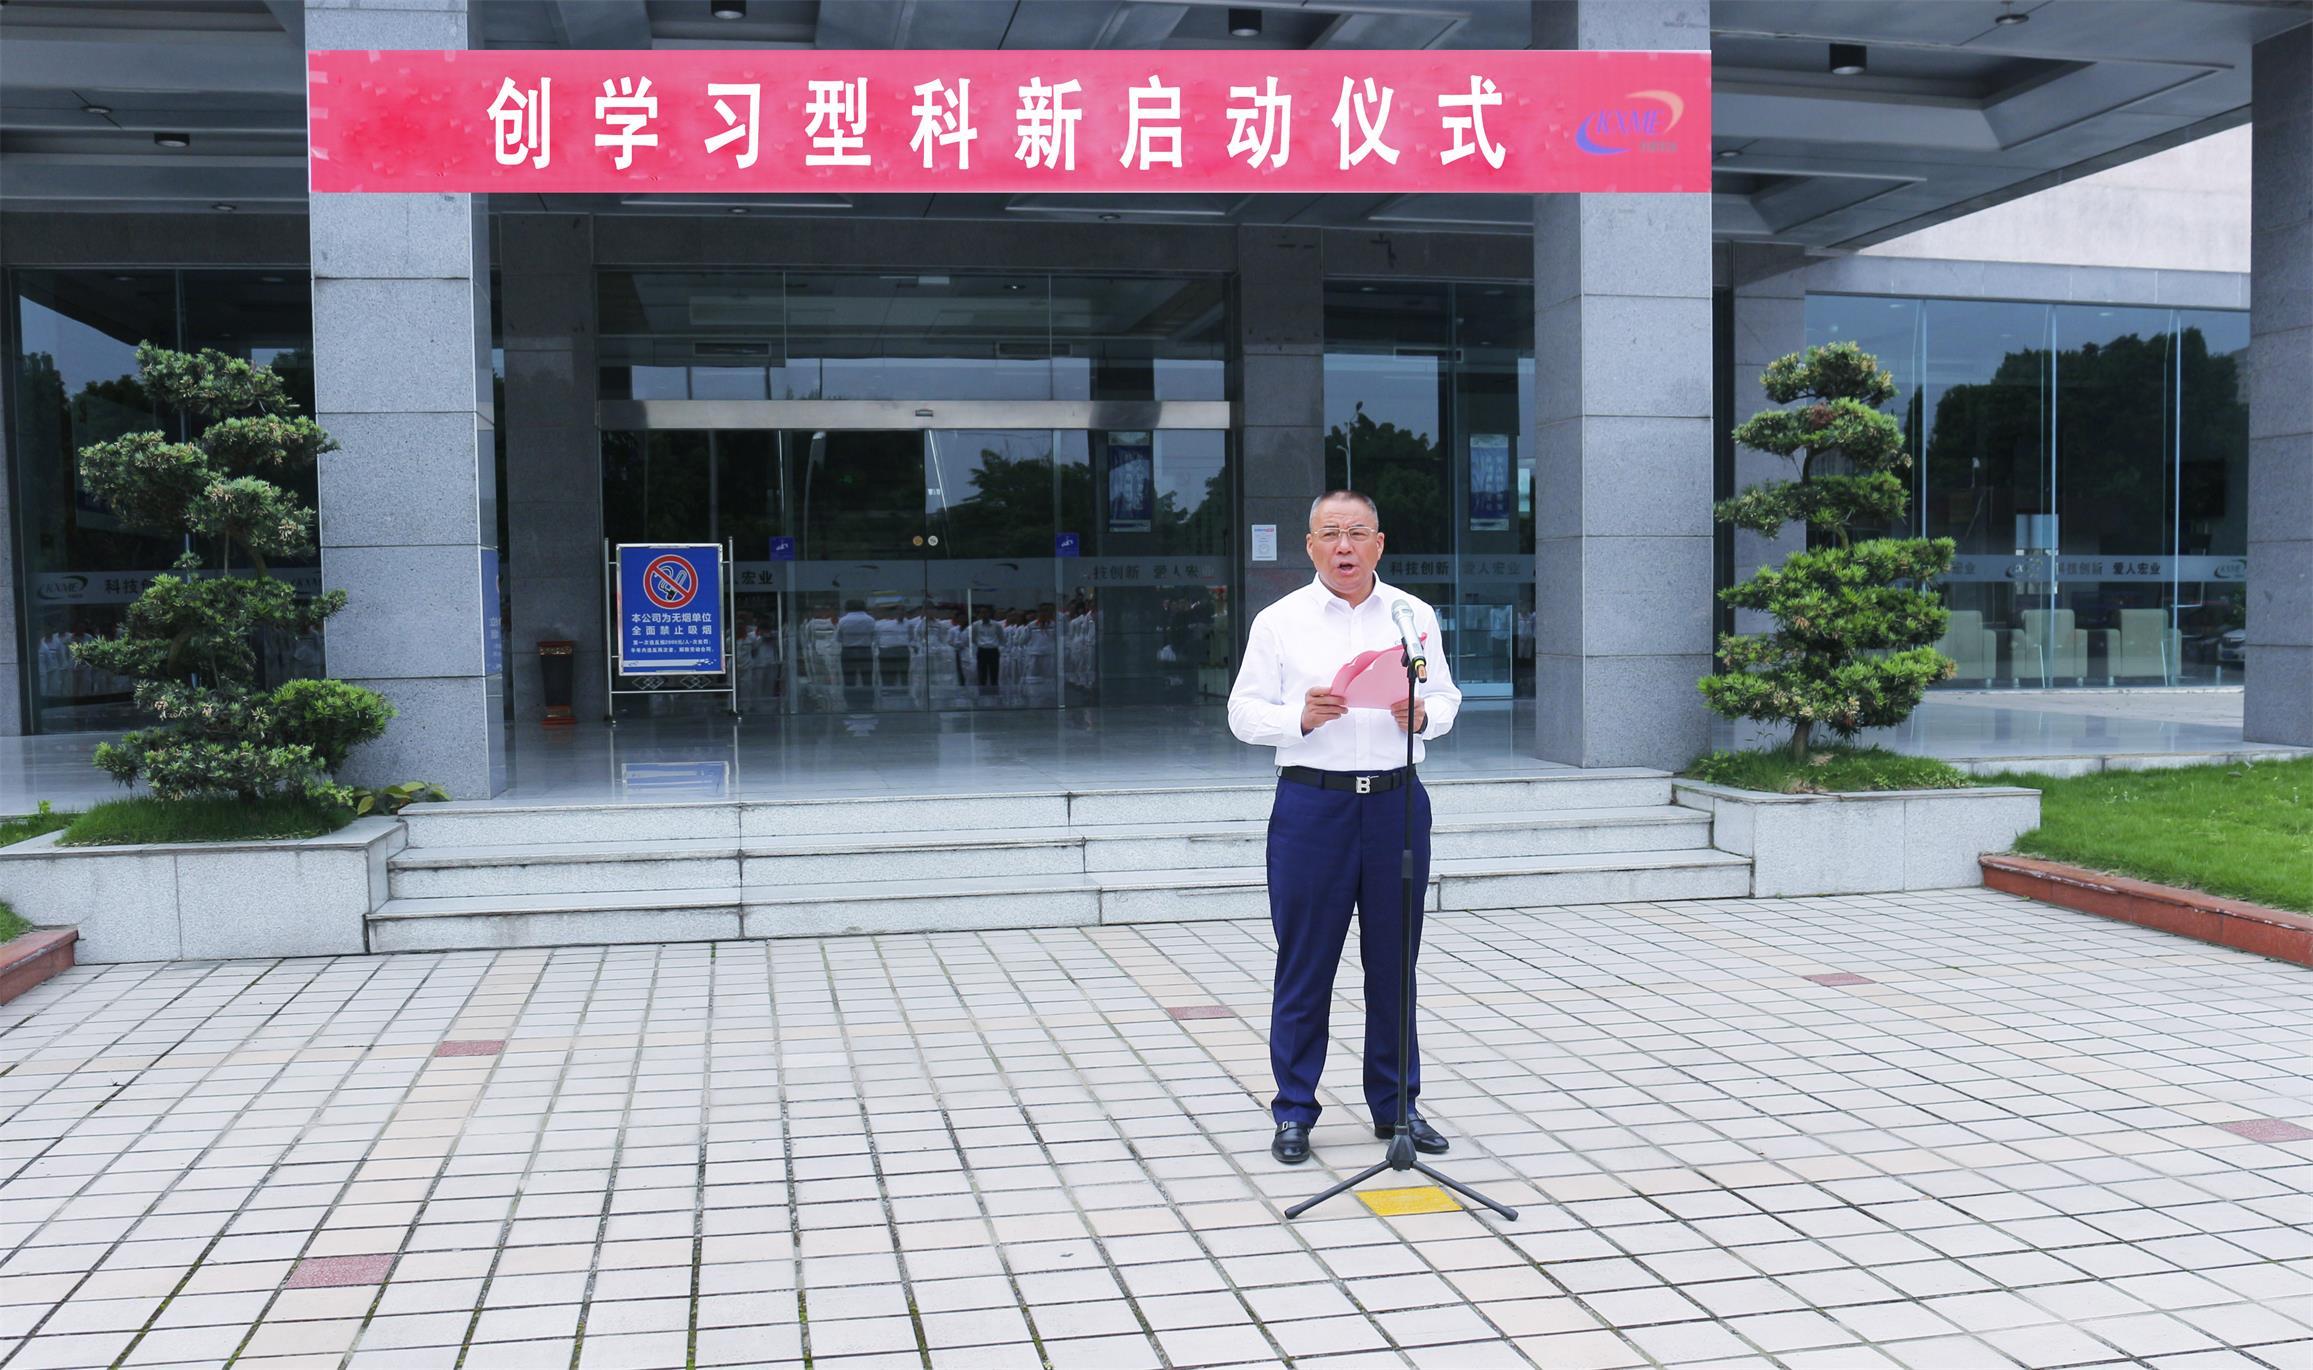 http://qiniu.cloudhong.com/image_2021-05-06_6093ad6b9422c.jpg